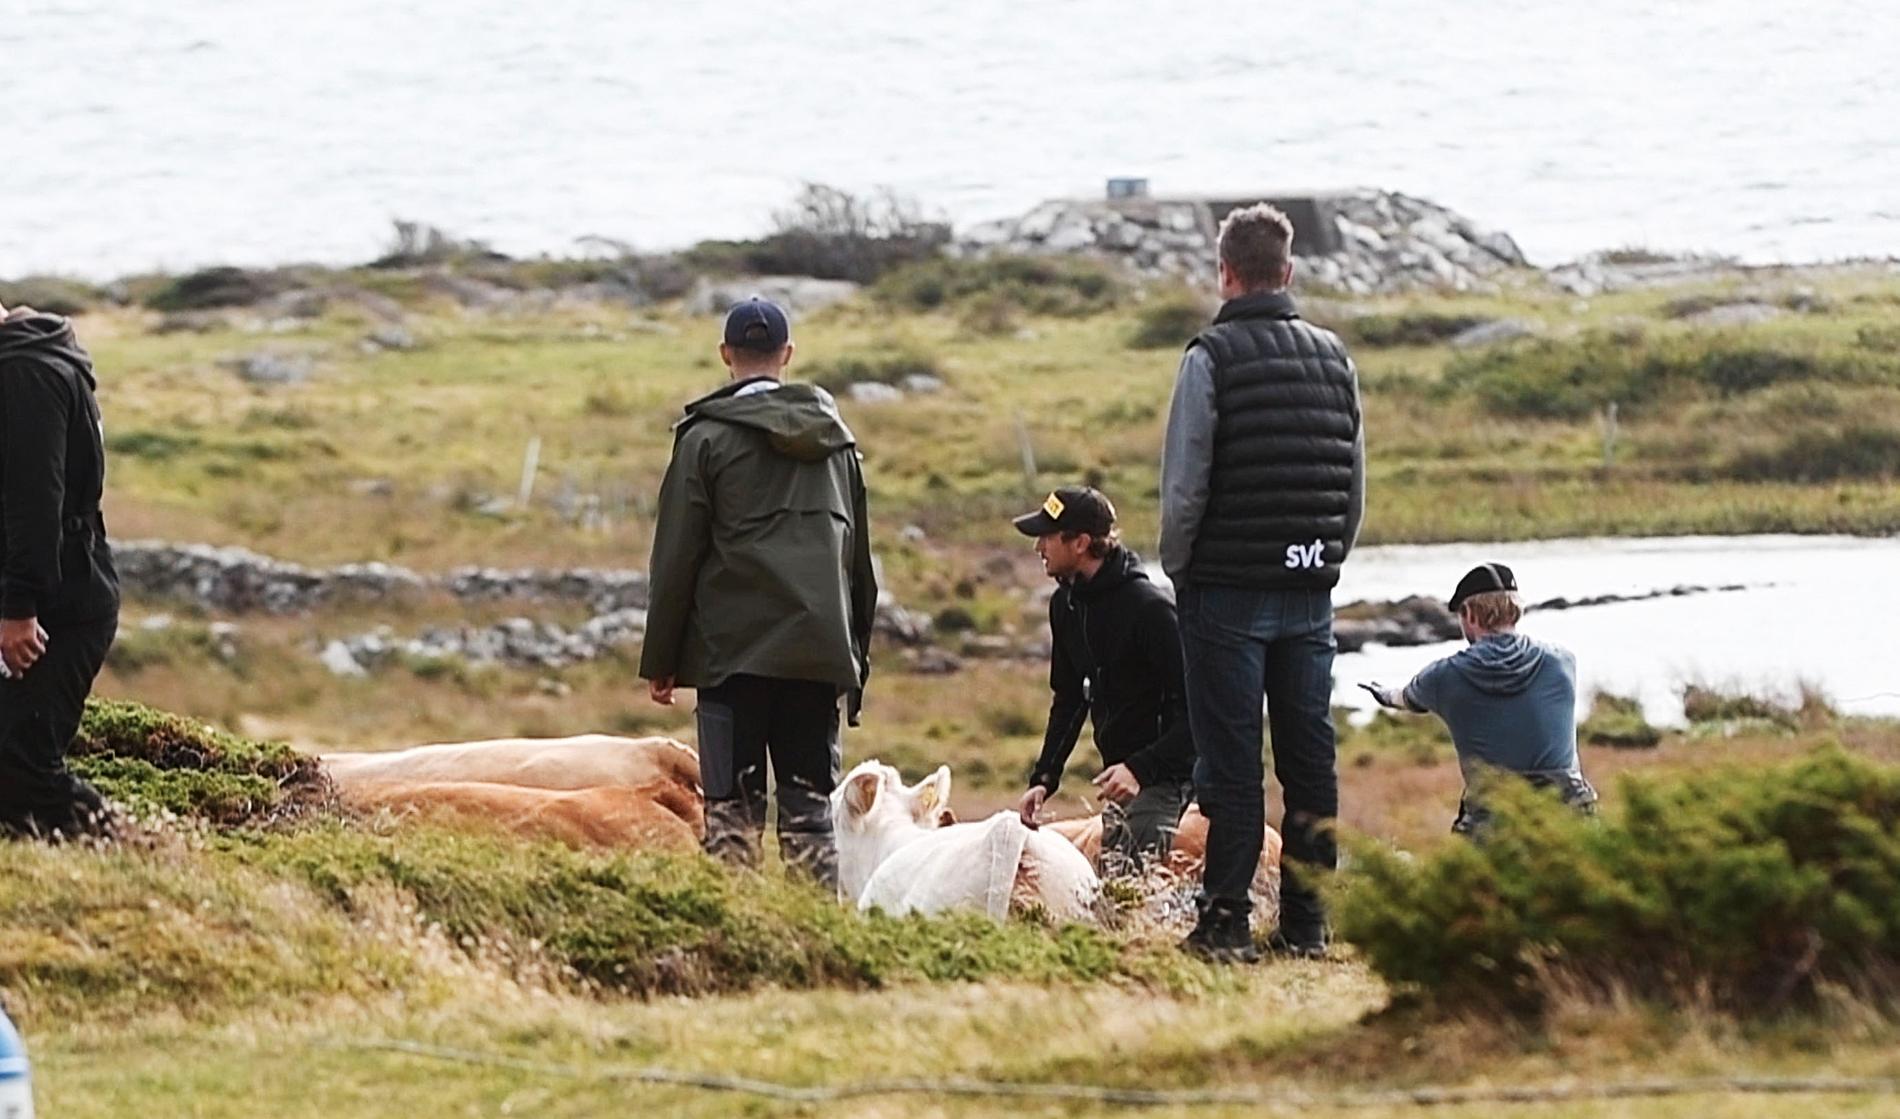 Tv-teamet tvingades mota bort koflocken som försökte sig på en tjurrusning mot den dyra utrustningen.